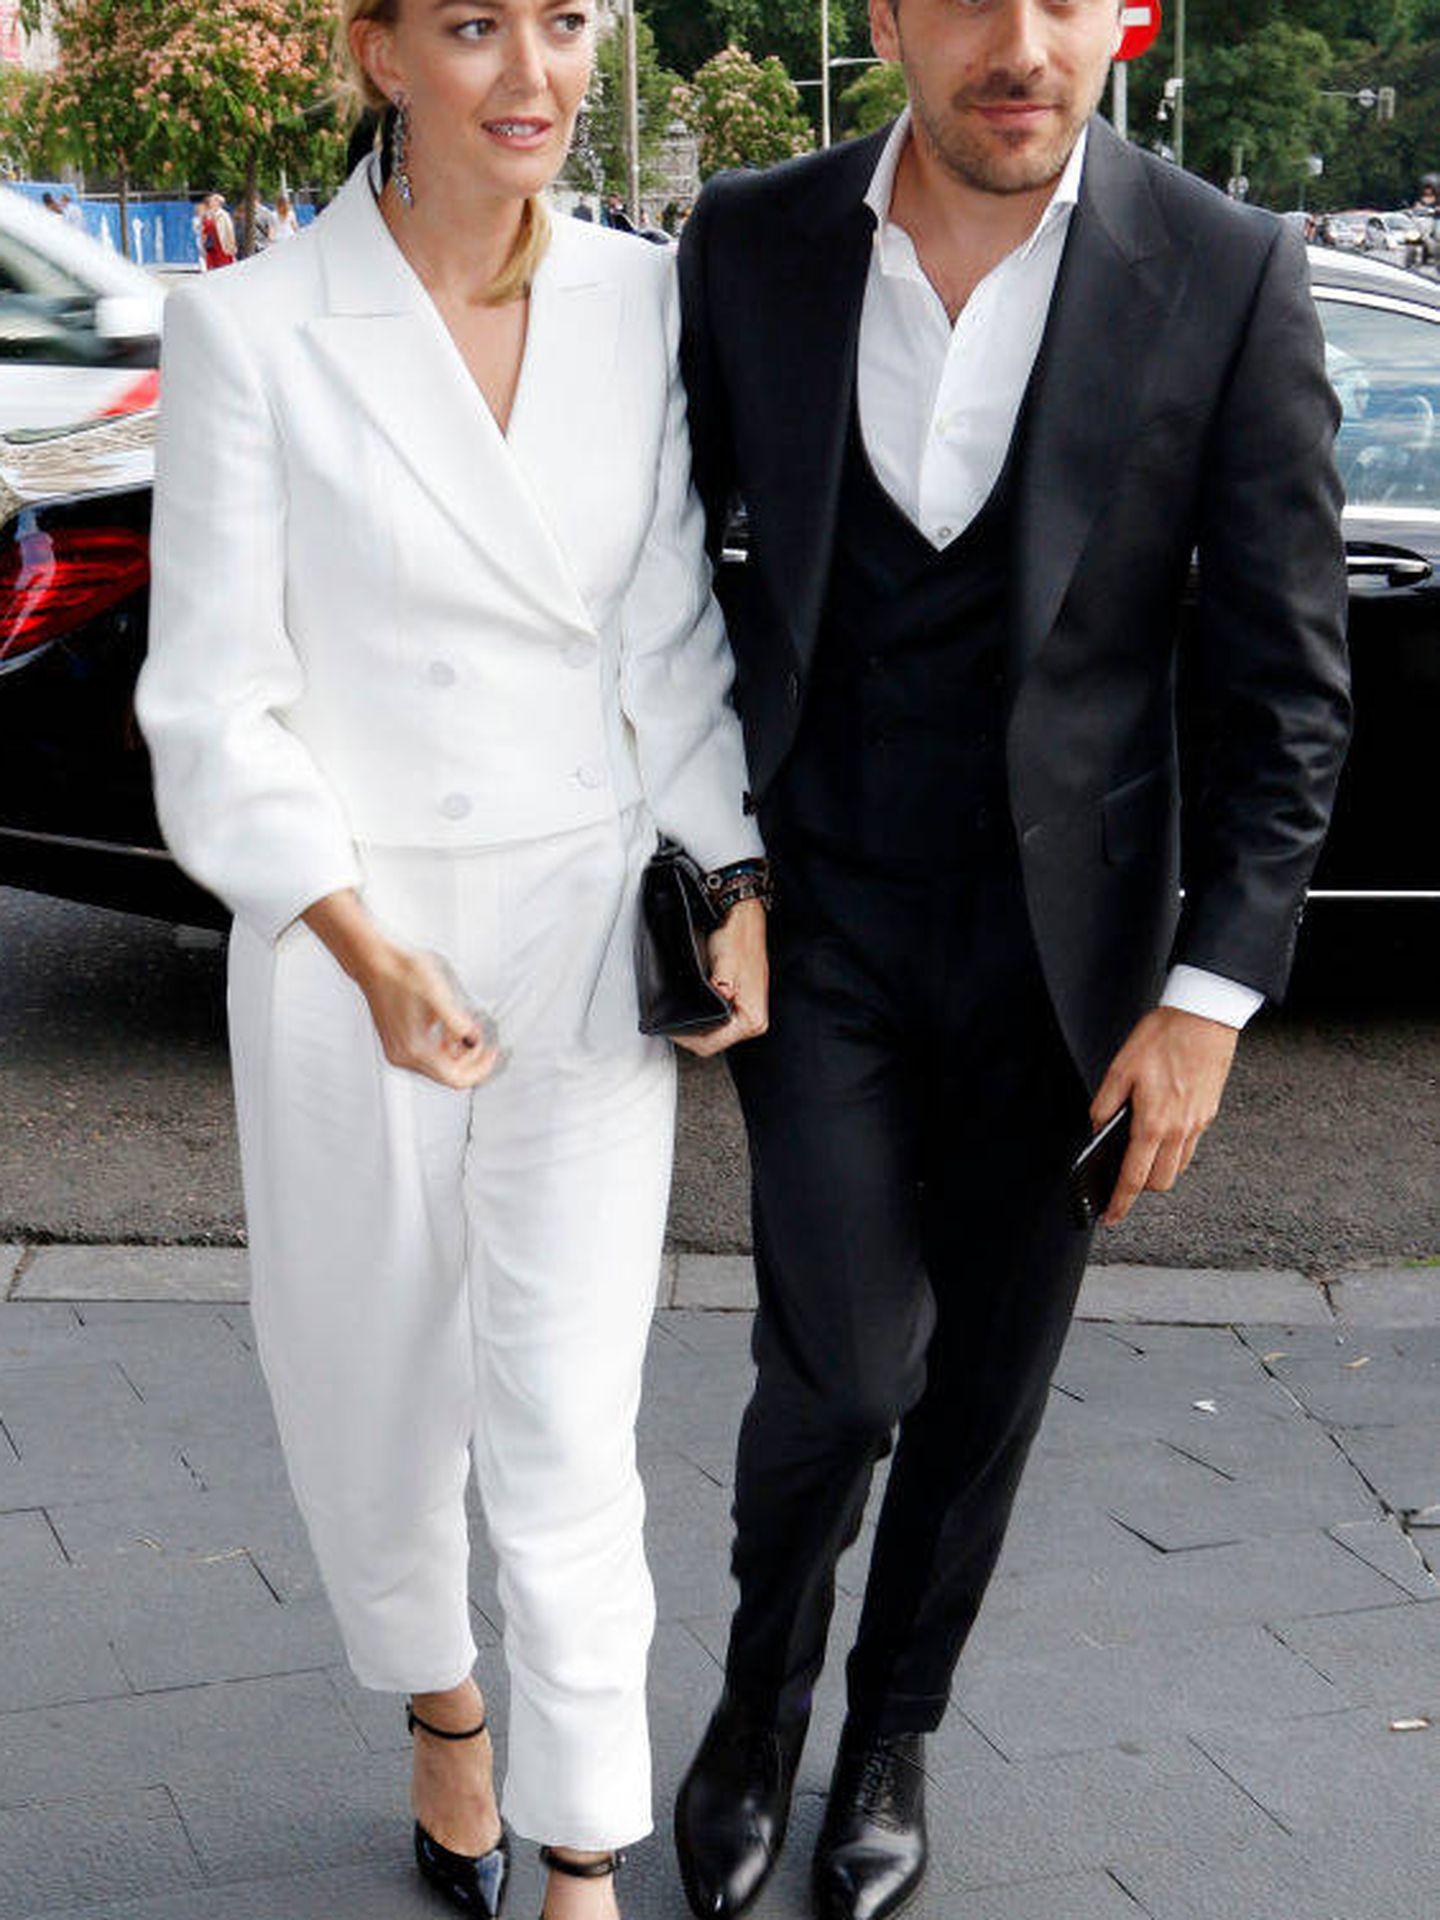 El matrimonio impecable con looks en blanco y negro. (Getty)